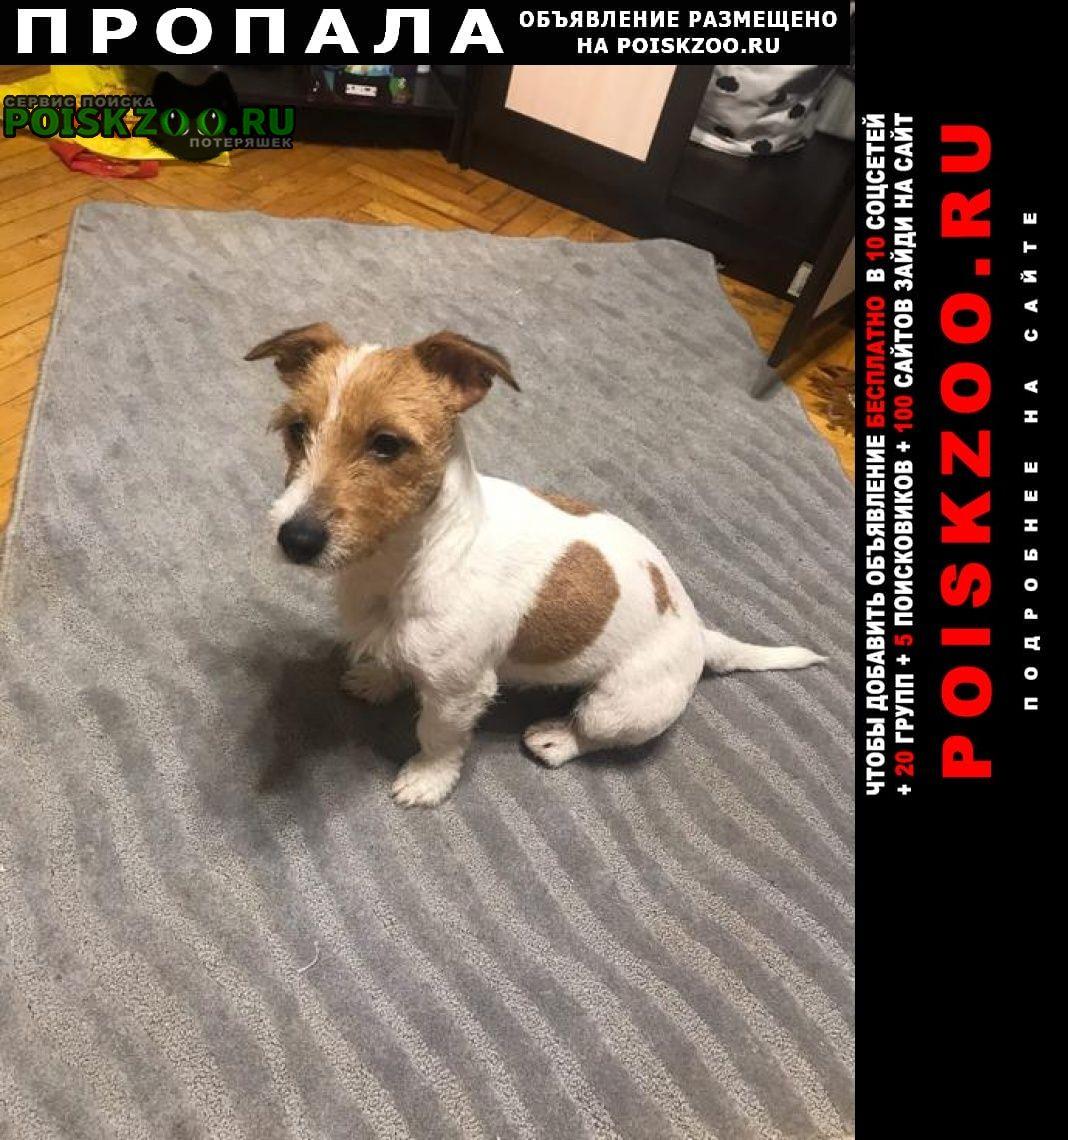 Пропала собака в деревне зевалово Михнево